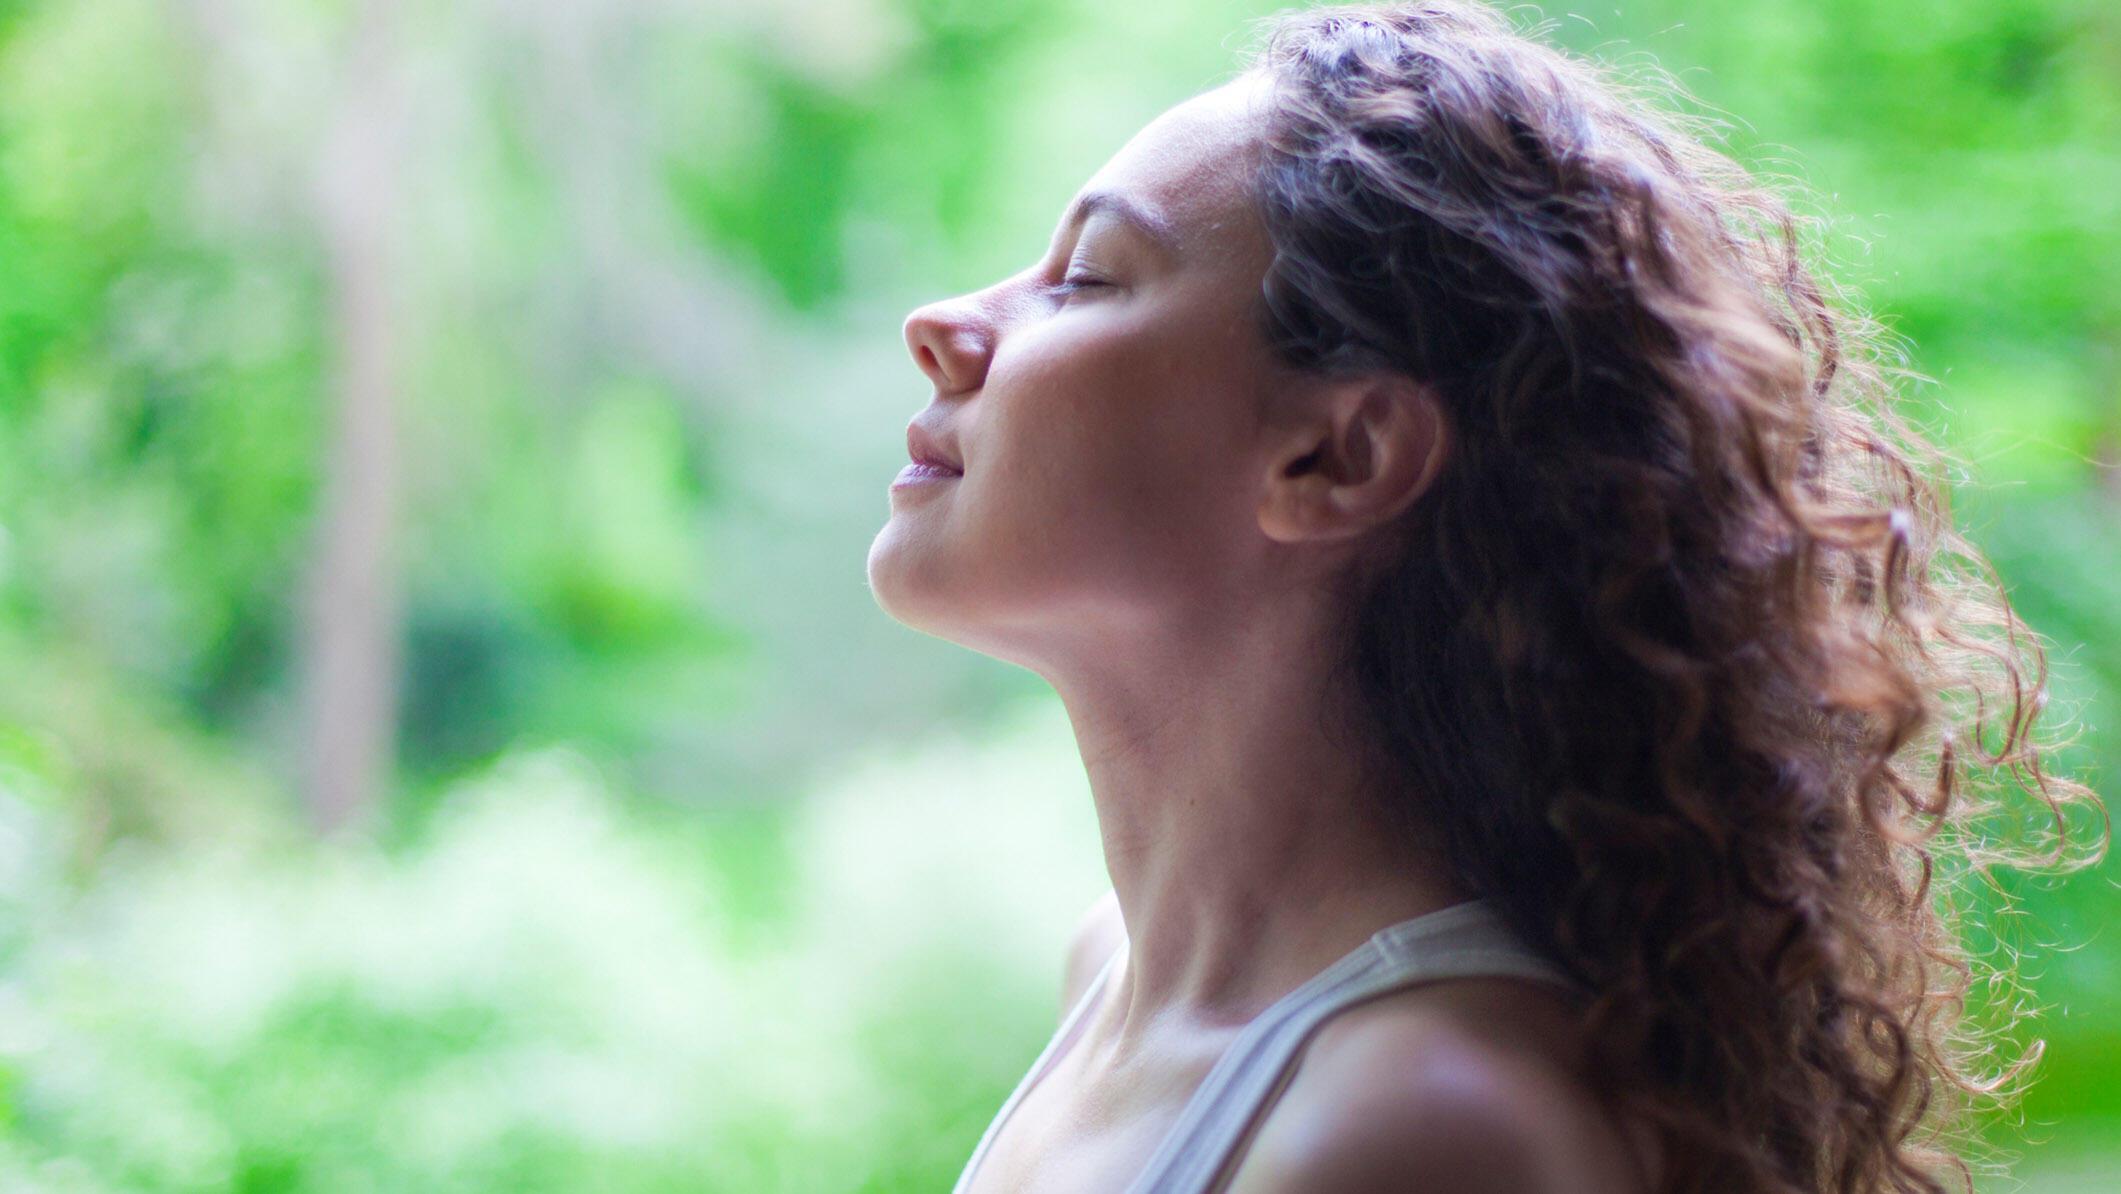 Sınav stresine iyi gelecek nefes egzersizi önerileri thumbnail